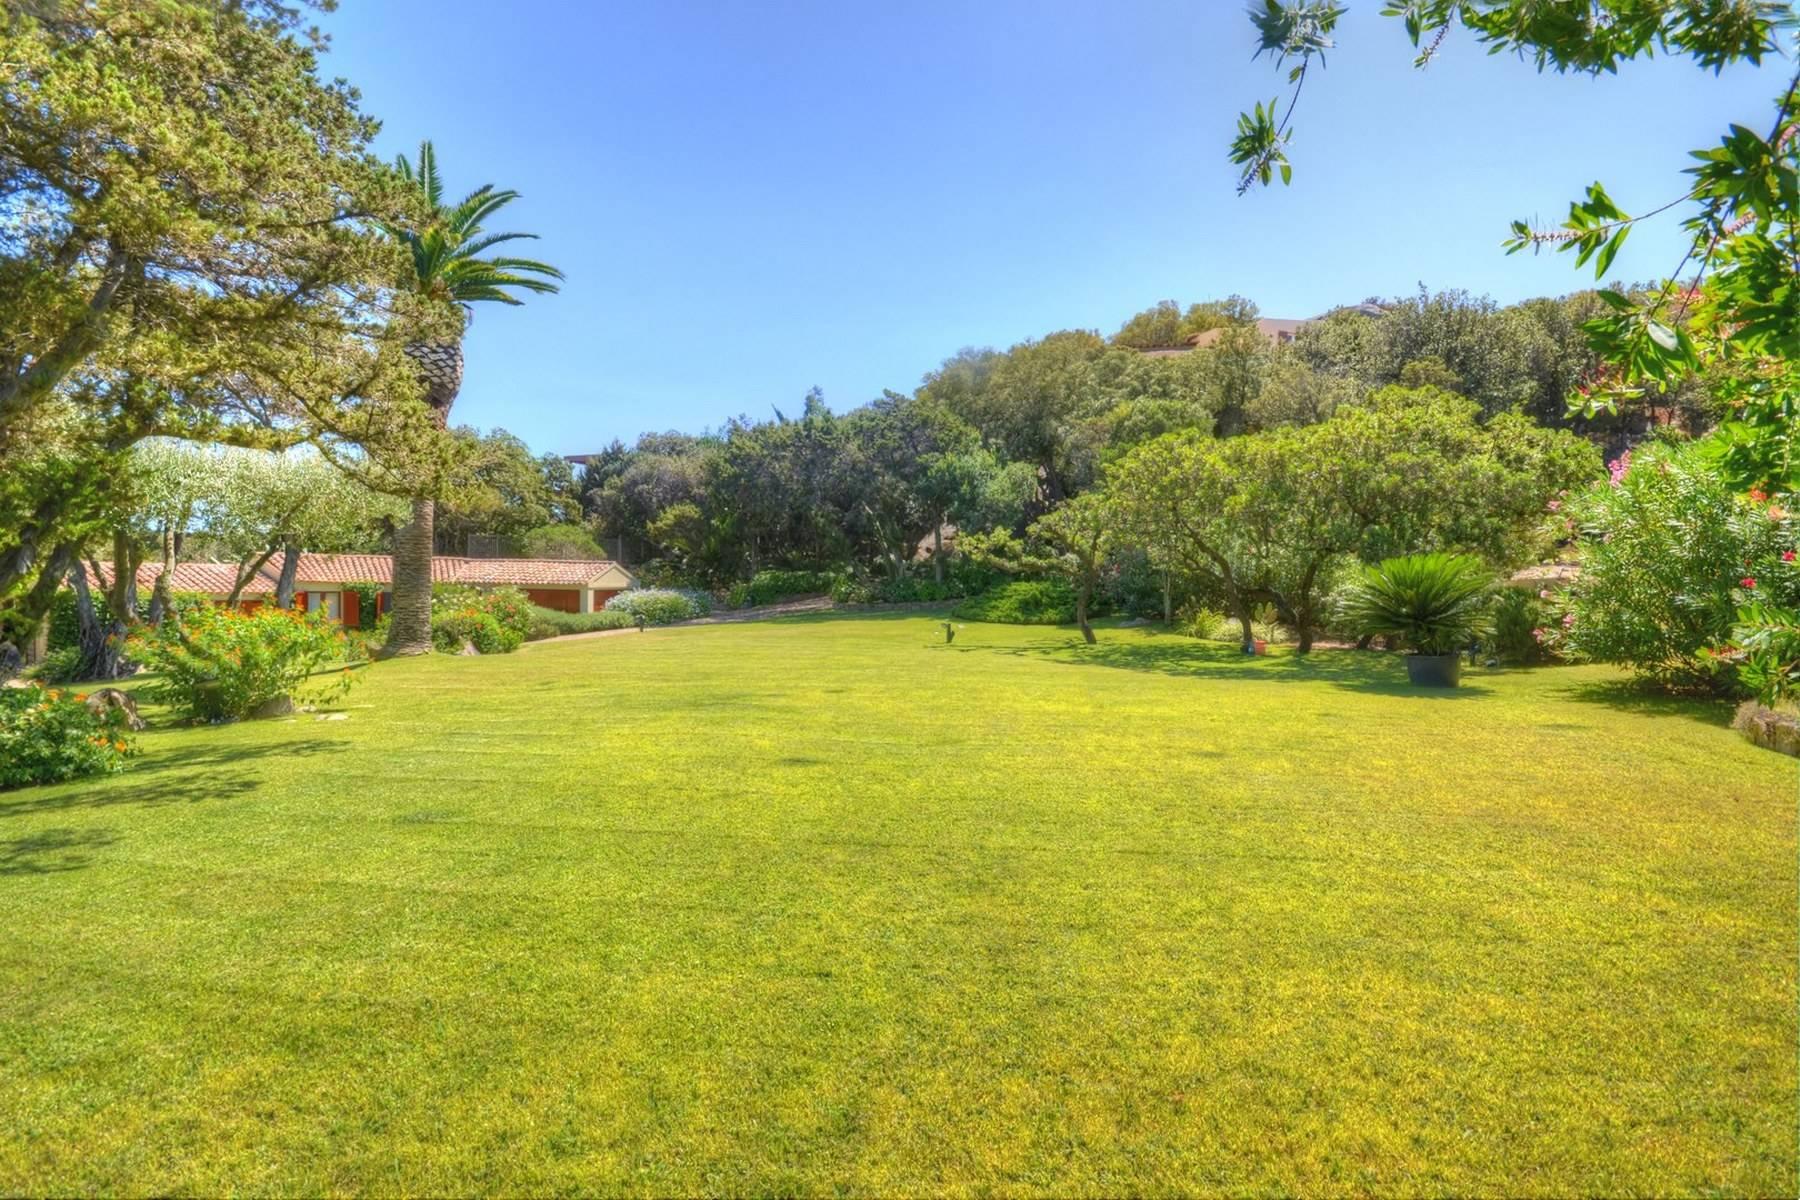 Villa in Vendita a Olbia: 5 locali, 450 mq - Foto 19